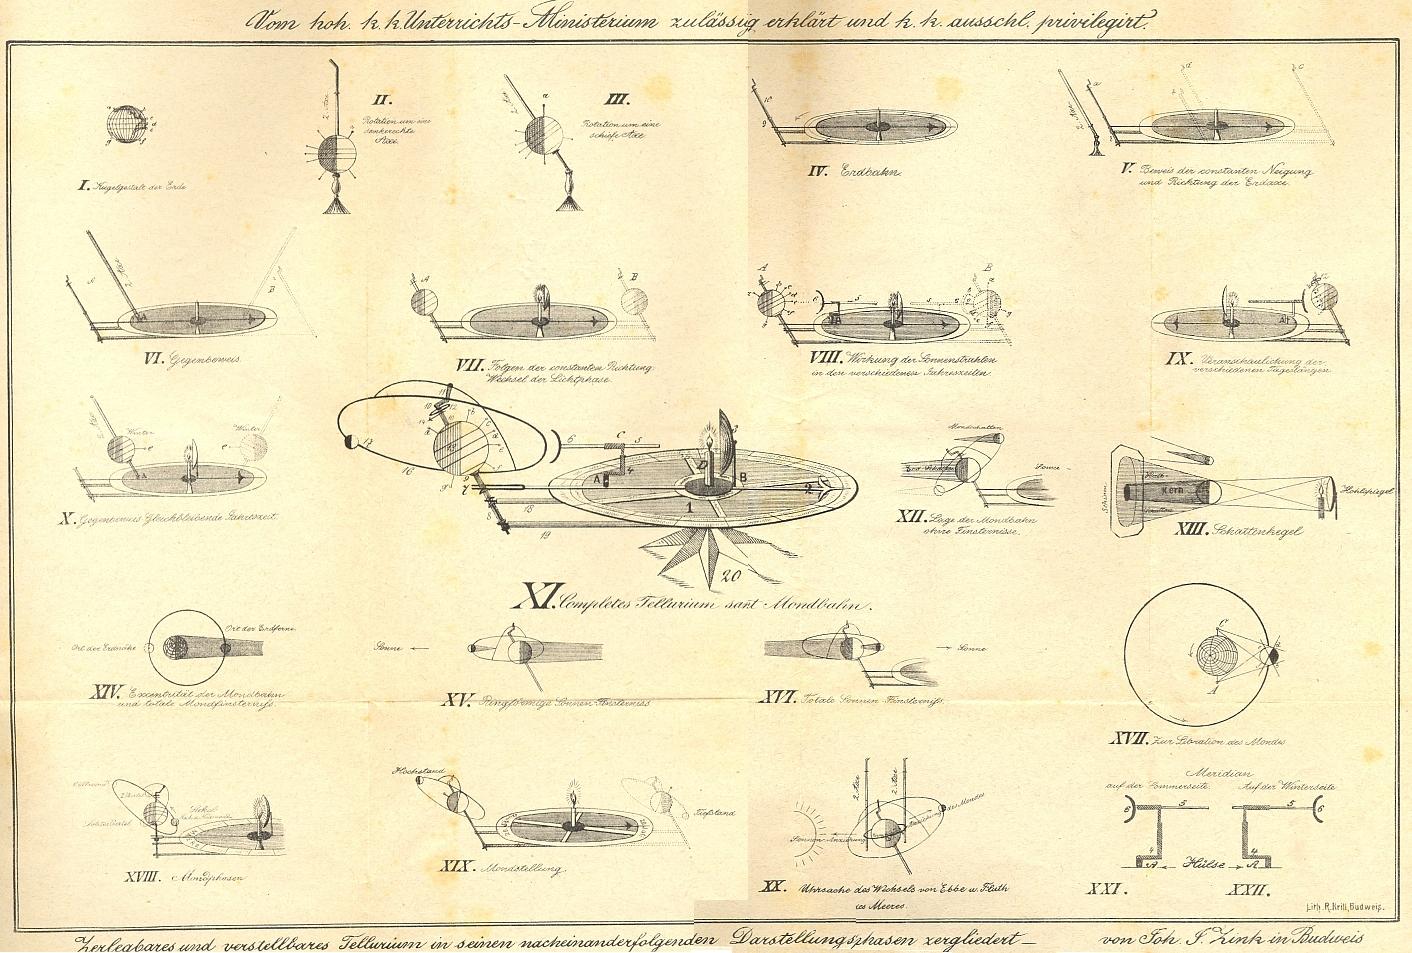 Obálka (1875) a obrazová příloha jeho vysvětlení a návodu k použití učební pomůcky, schválené c.k. ministerstvem vyučování a sloužící k názorné prezentaci oběhu nebeských těles...